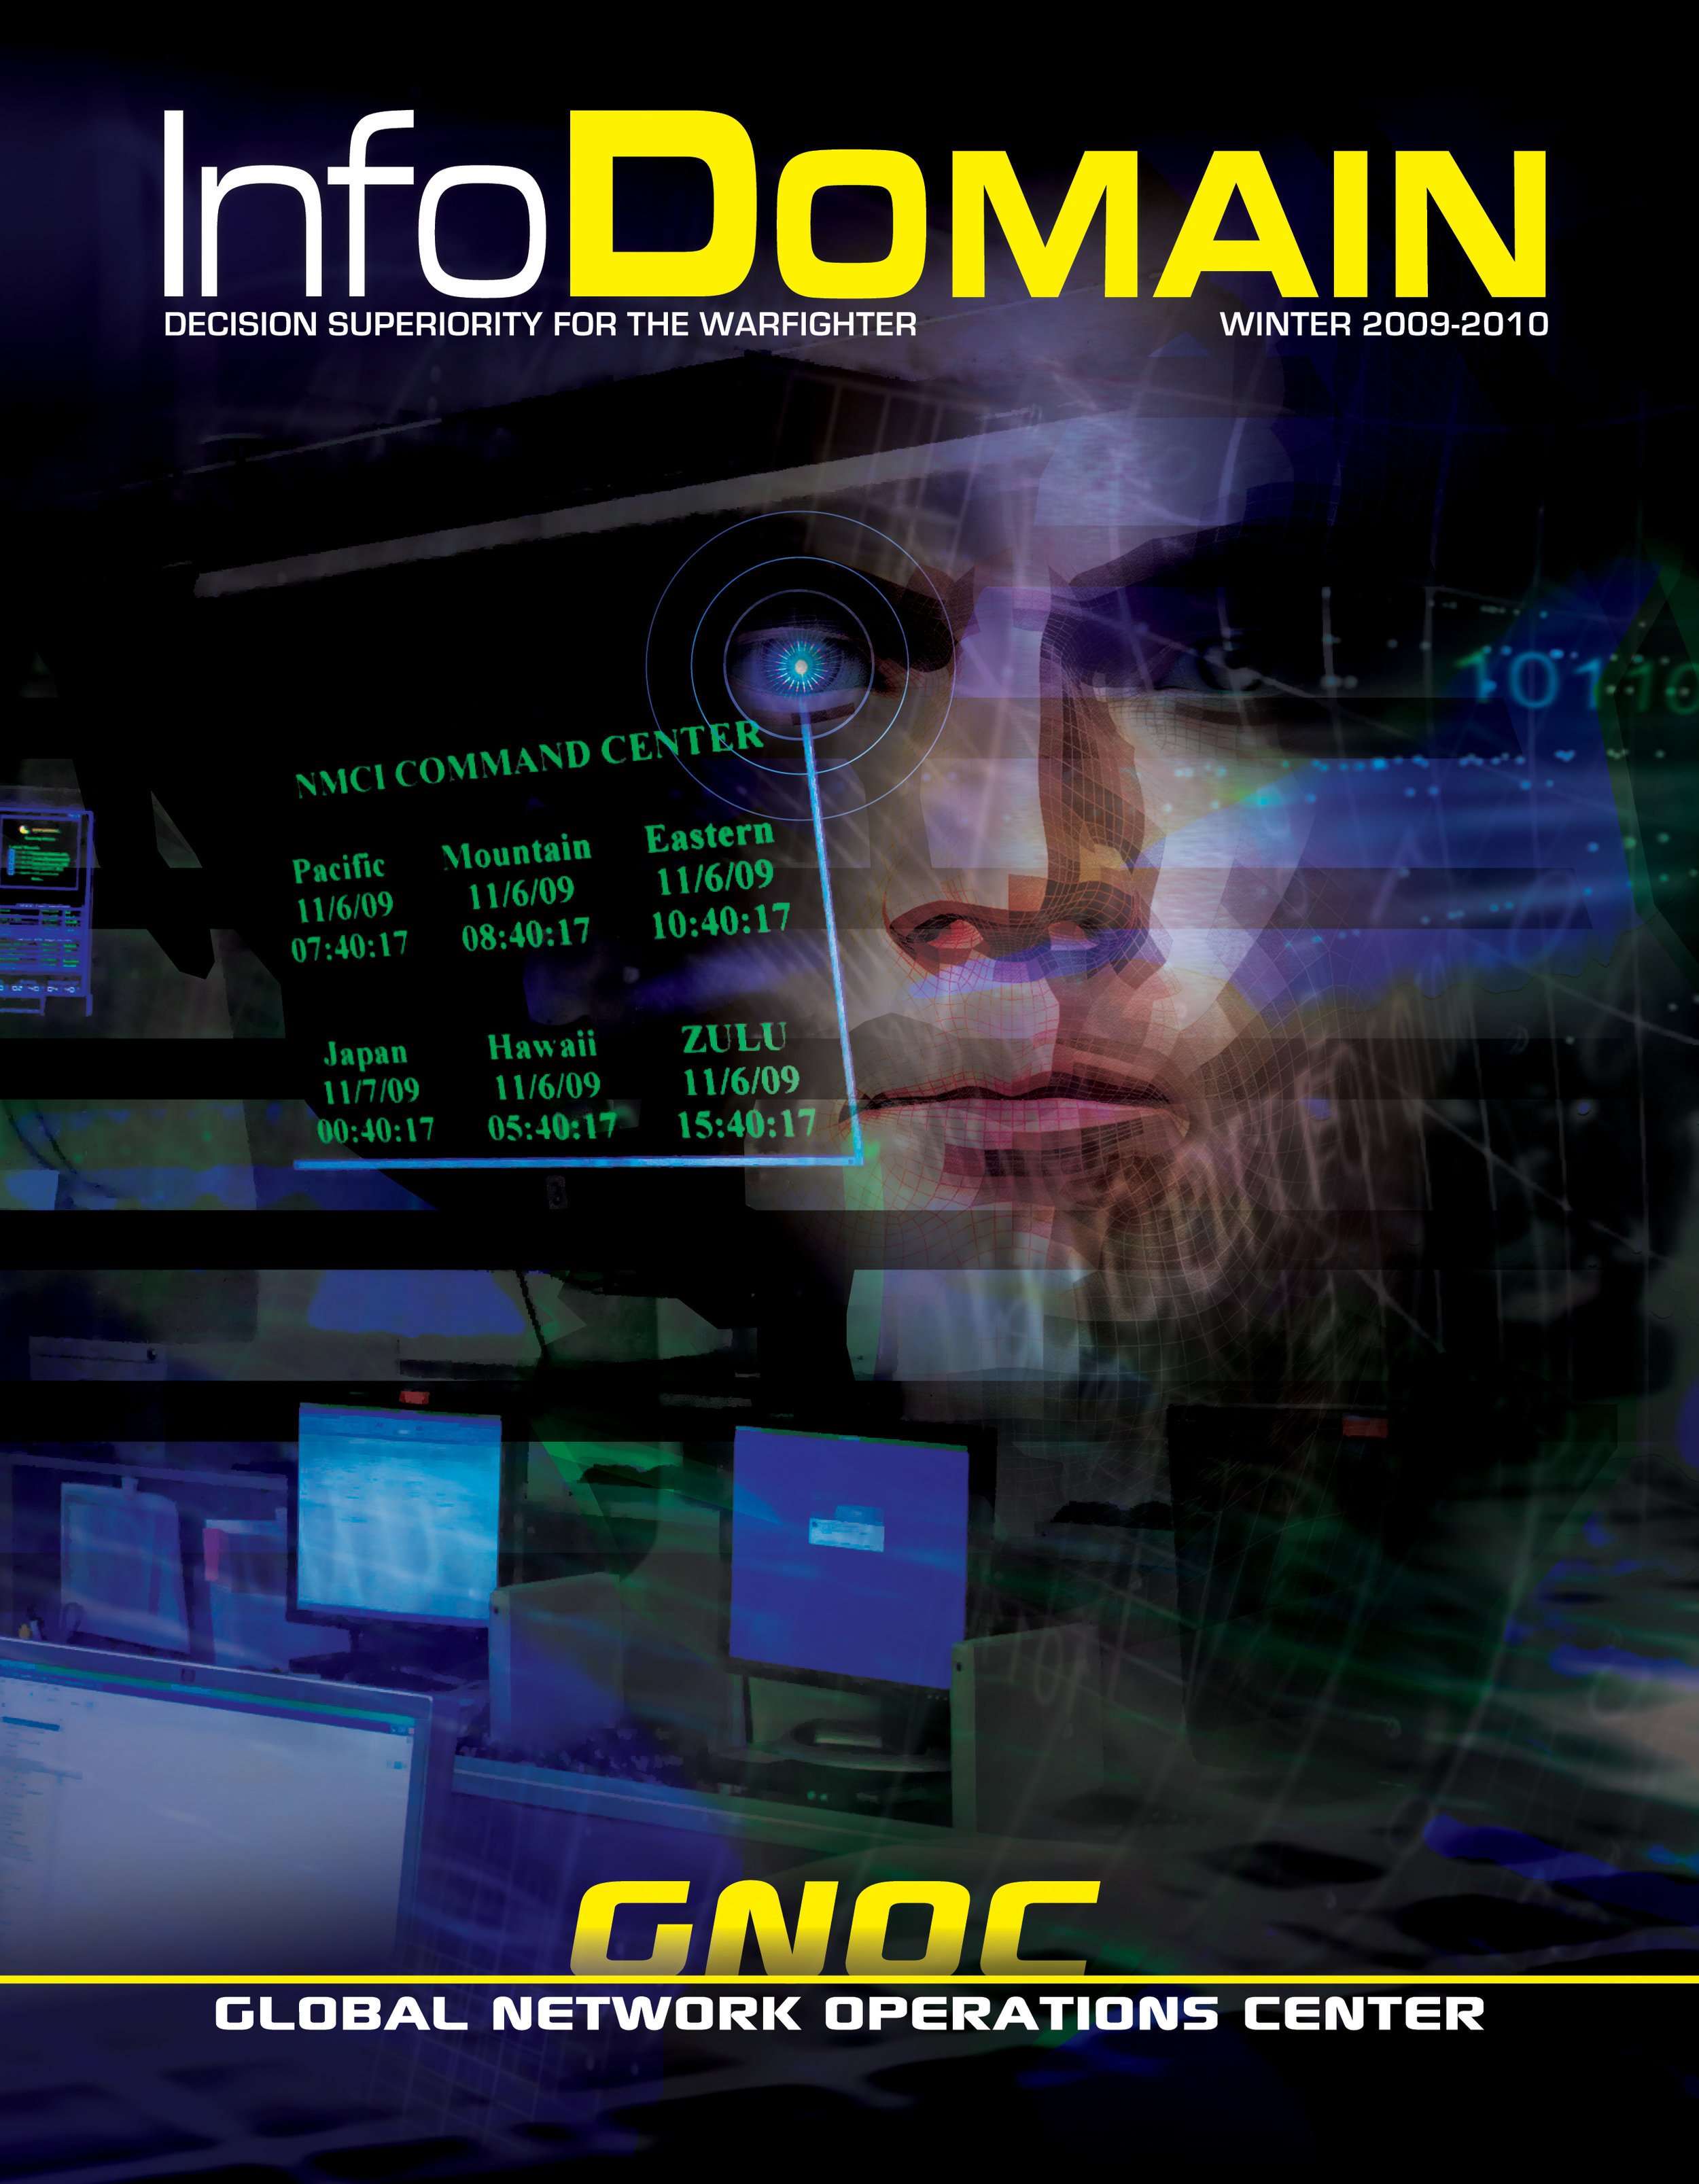 InfoDOMAIN_WINTER 09-10-1.jpg